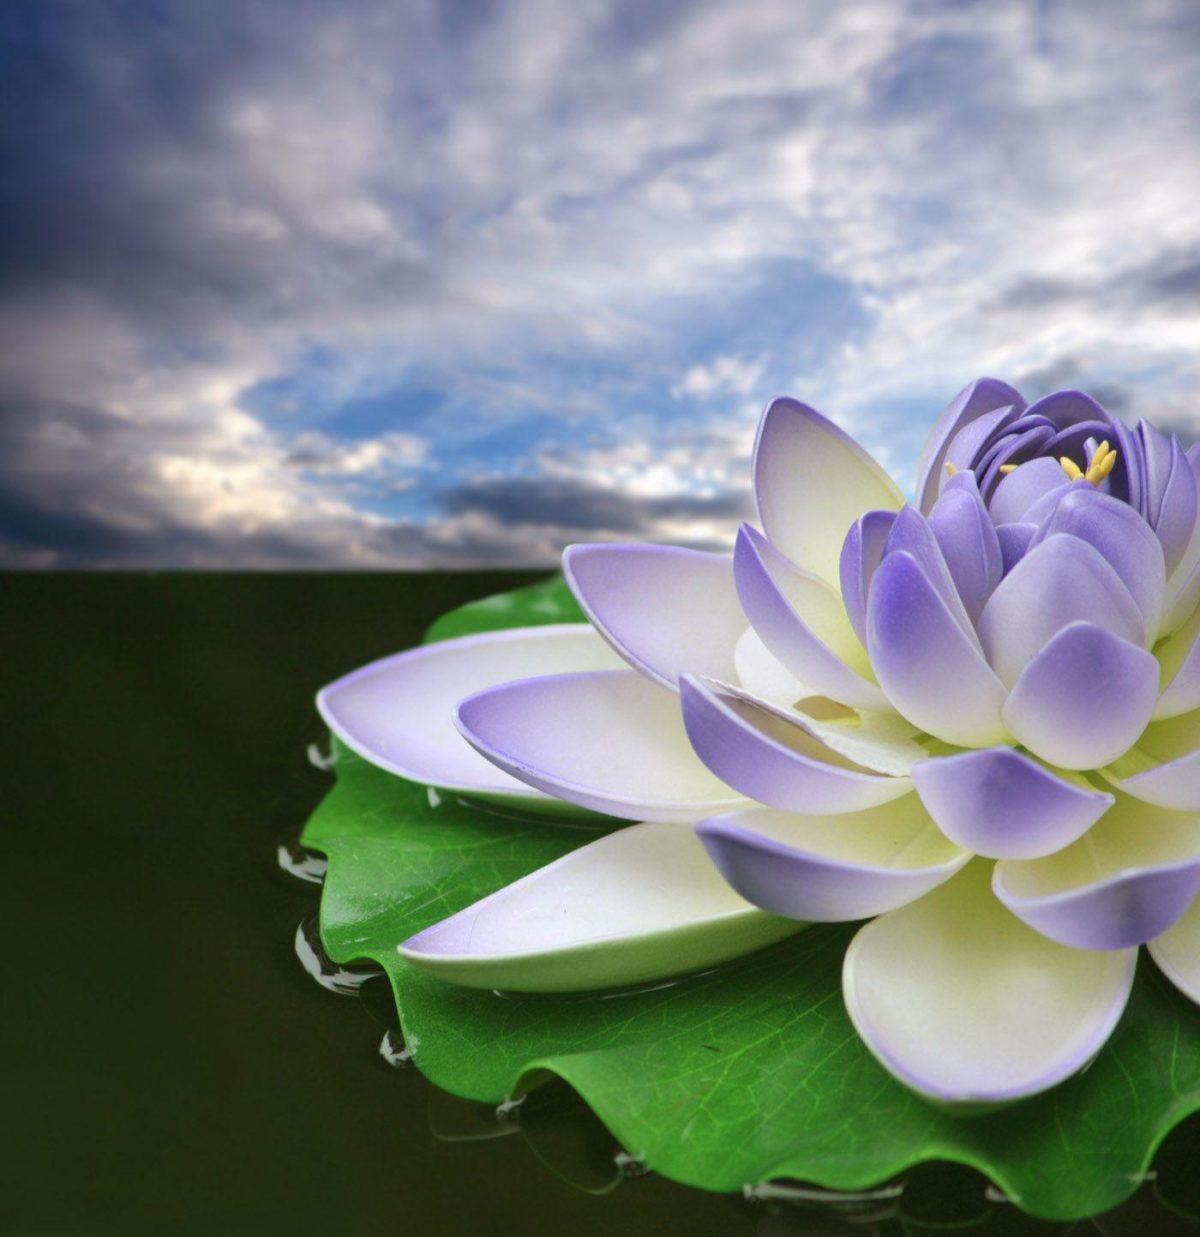 Lotus 31033 – Flower Wallpapers – Flowers